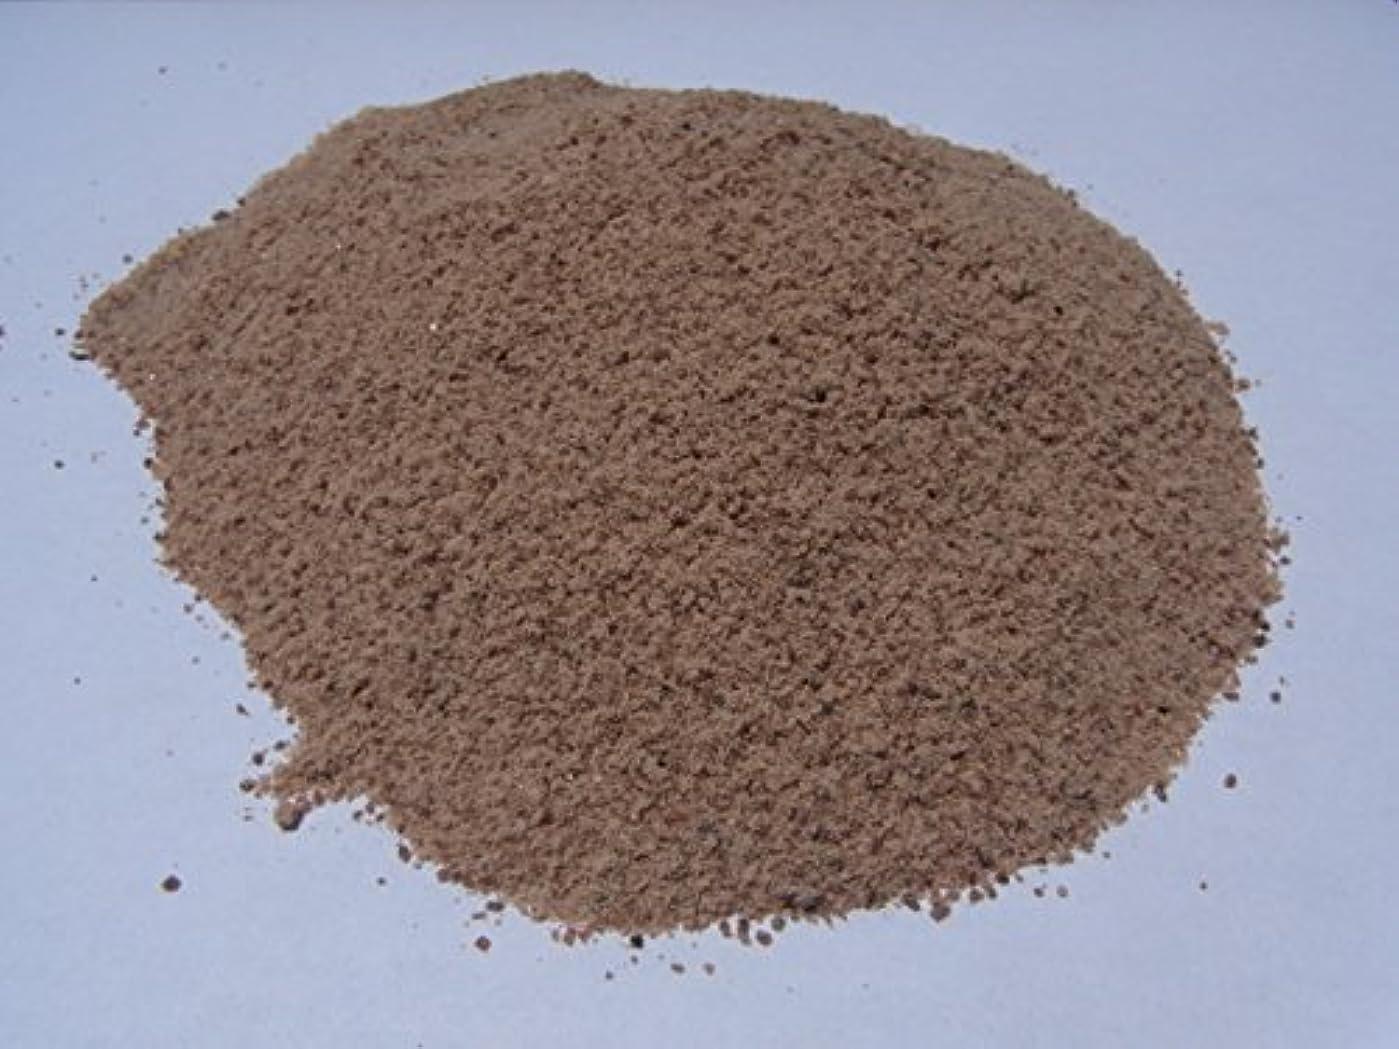 チャールズキージング投資する付けるヒマラヤ岩塩1kg【ルビーソルト】 ミネラルクリスタル パウダー 細粒 バスソルト